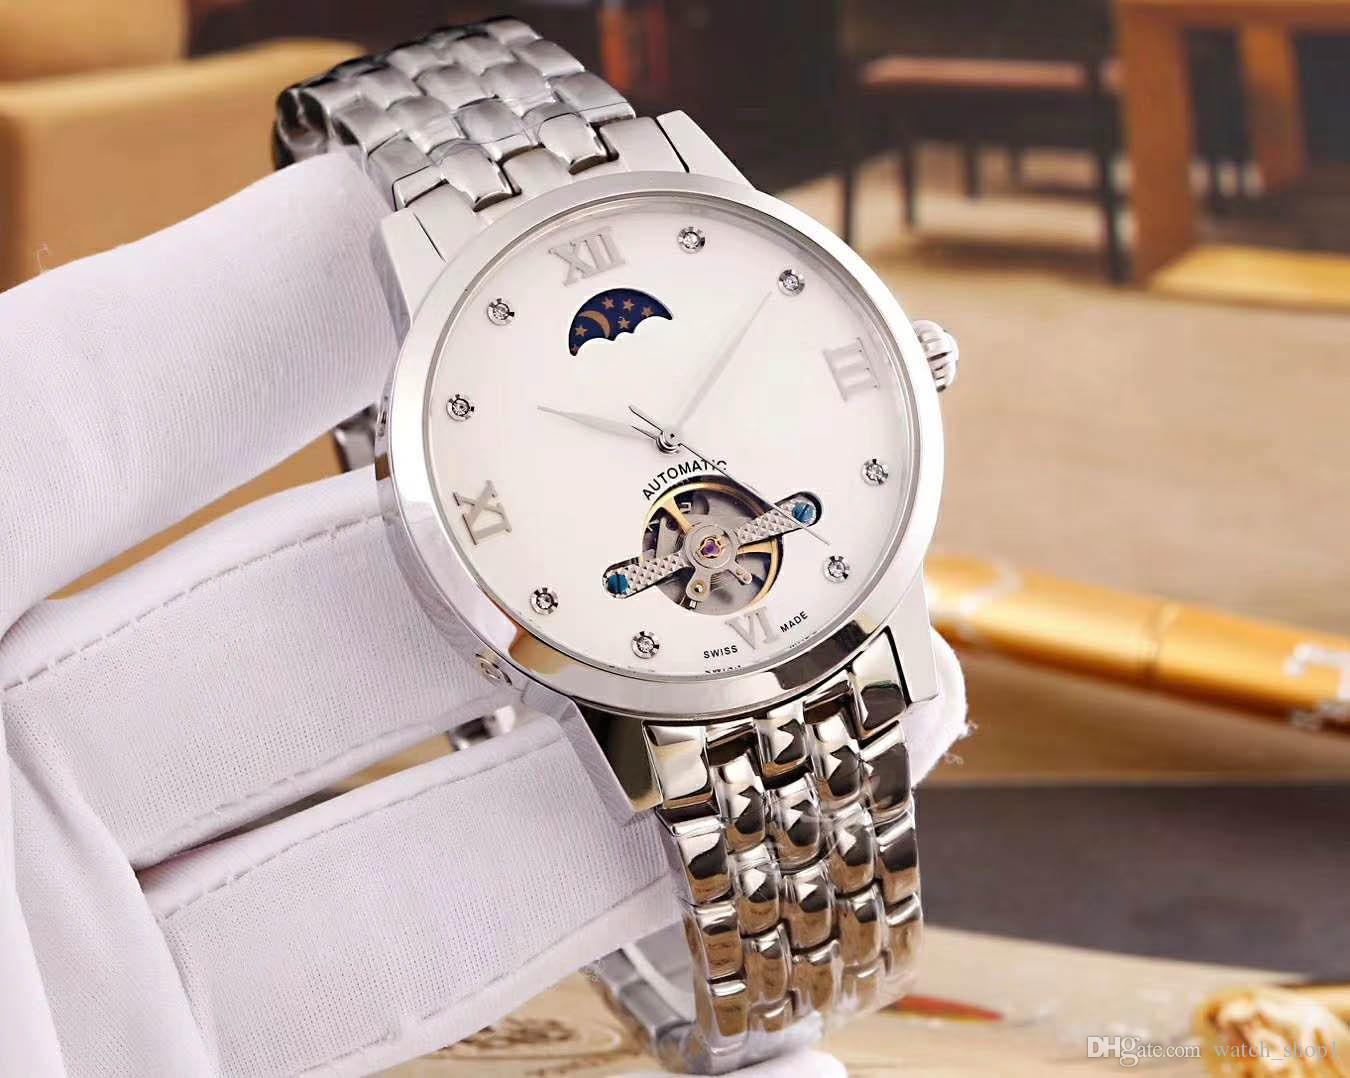 6c9753caf91 Compre Mens De Luxo Da Marca Premier Gentleman Relógio Automático Turbilhão  Movimento Mecânico 41mm   14mm Mineral De Cristal De Vidro 316l Caso De Aço  De ...